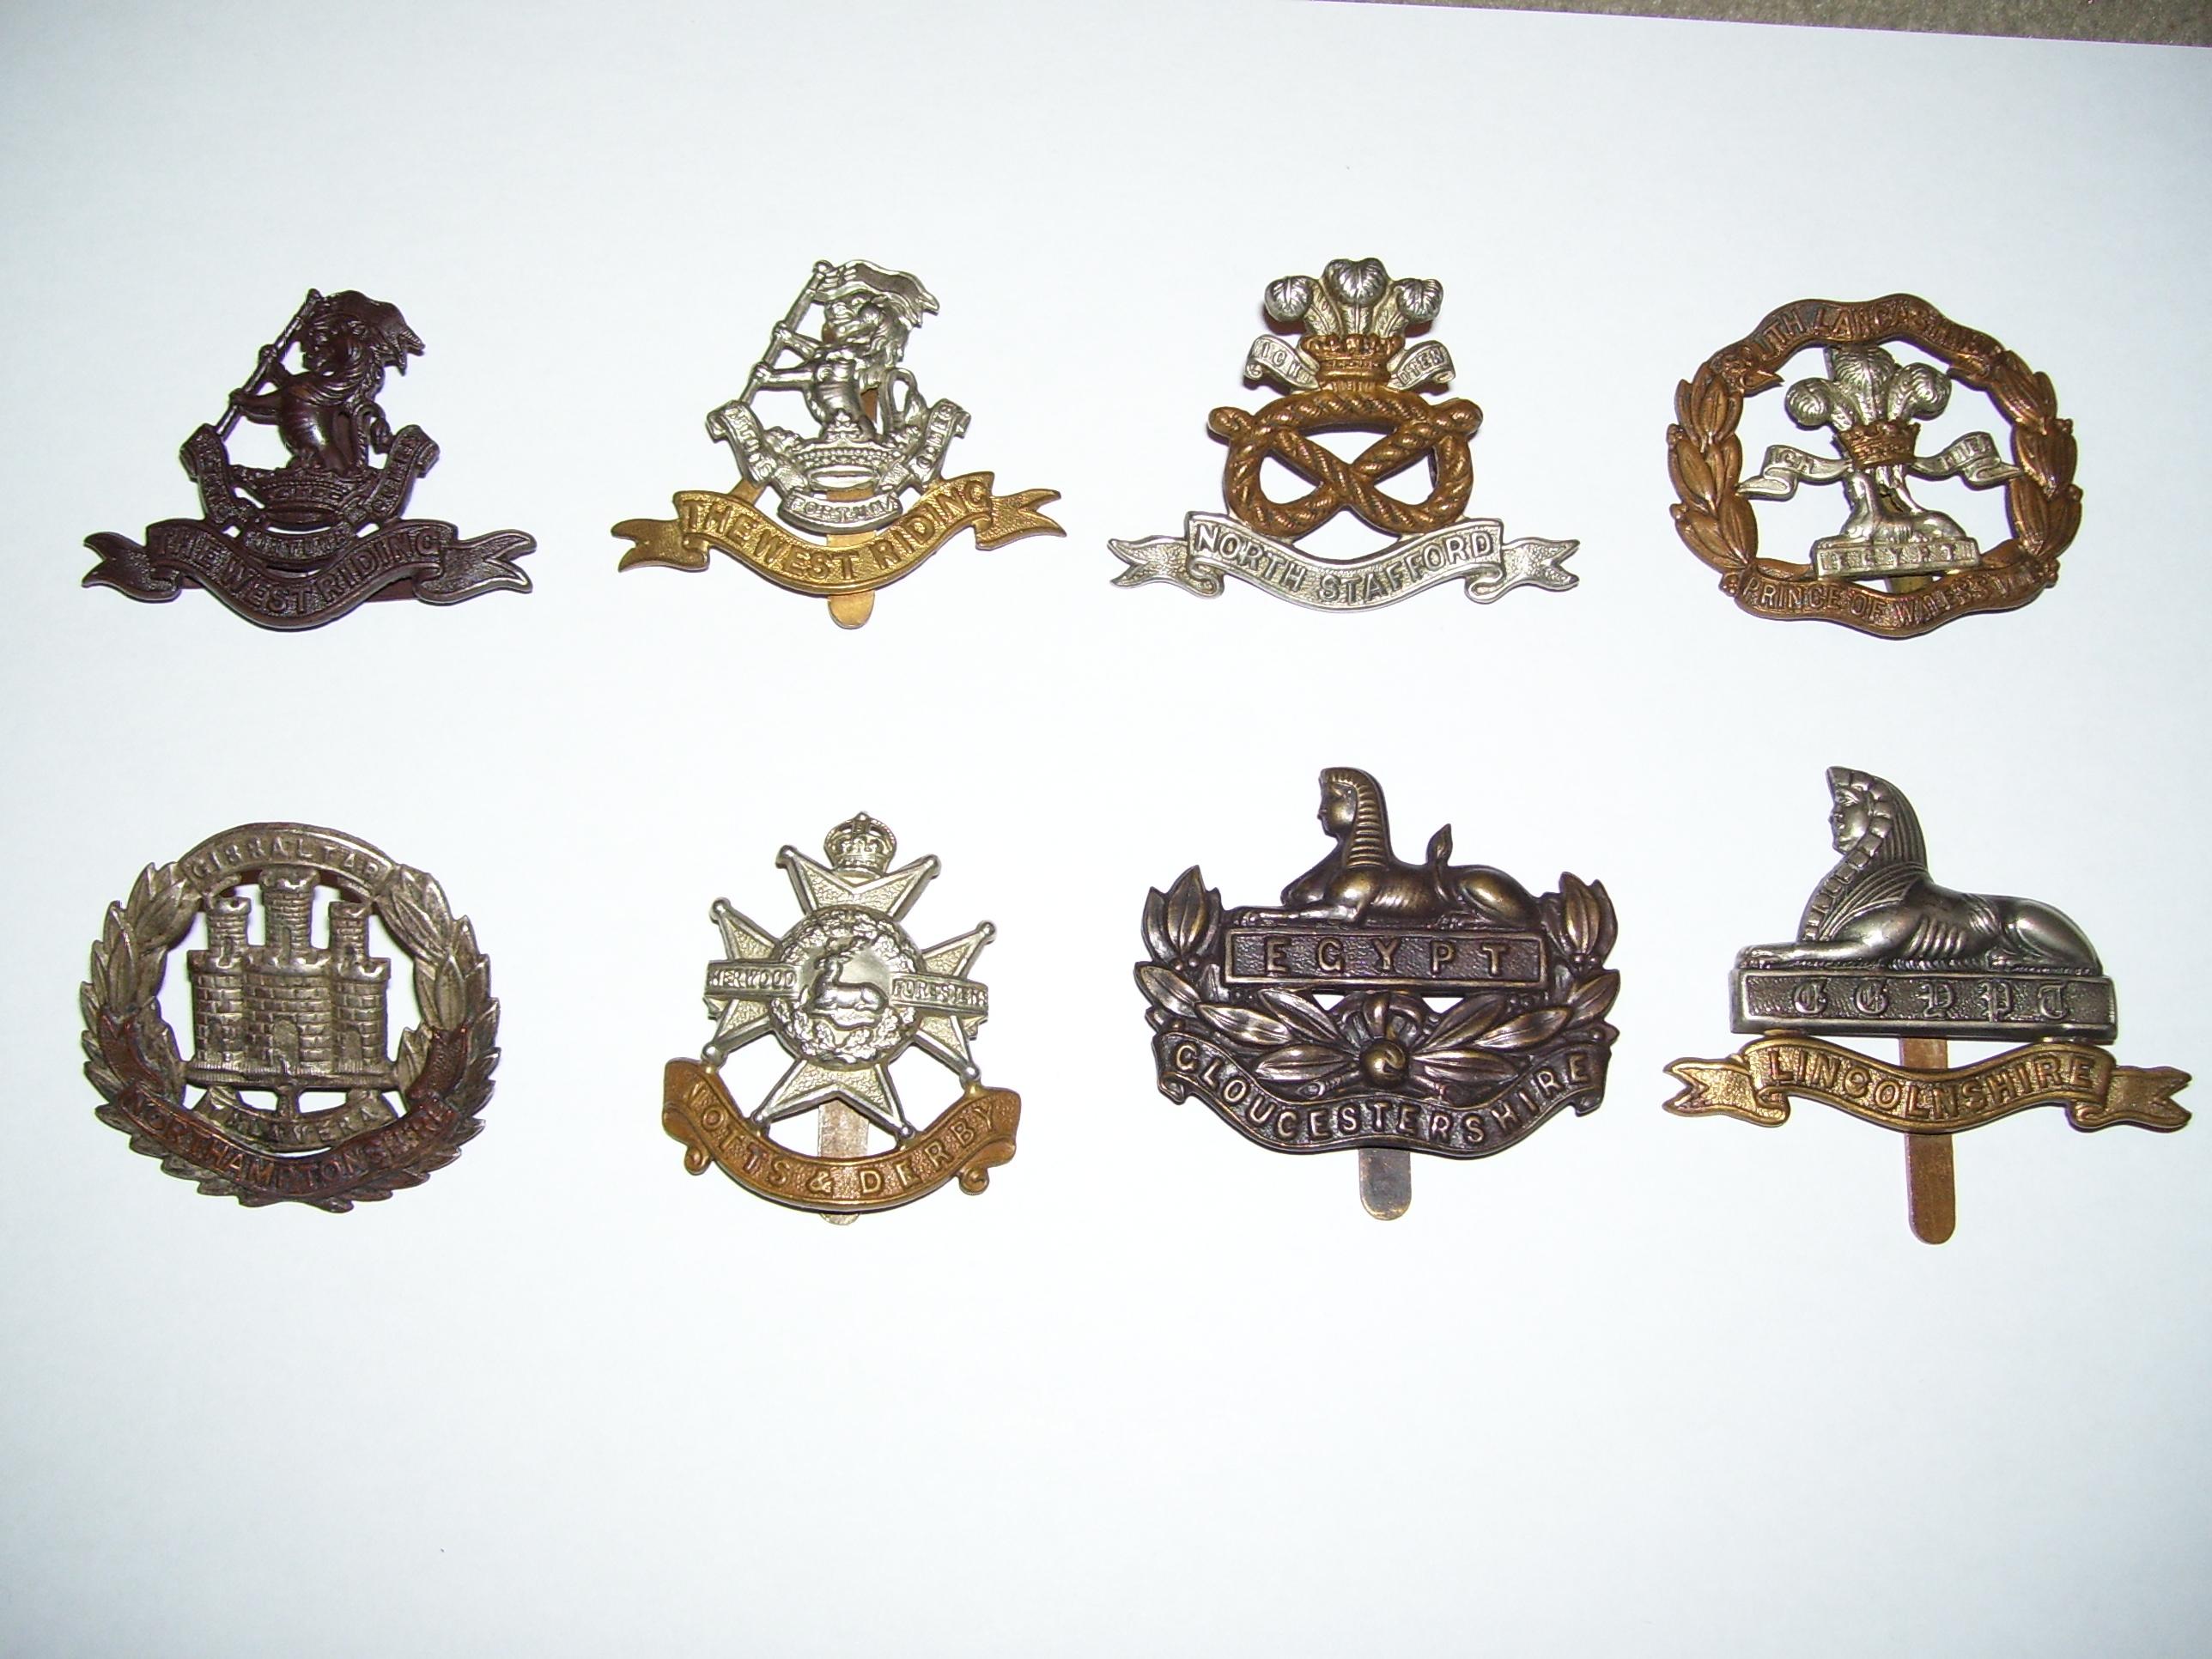 British Uniform Insignia and Badges, till 1945 - Uniforms